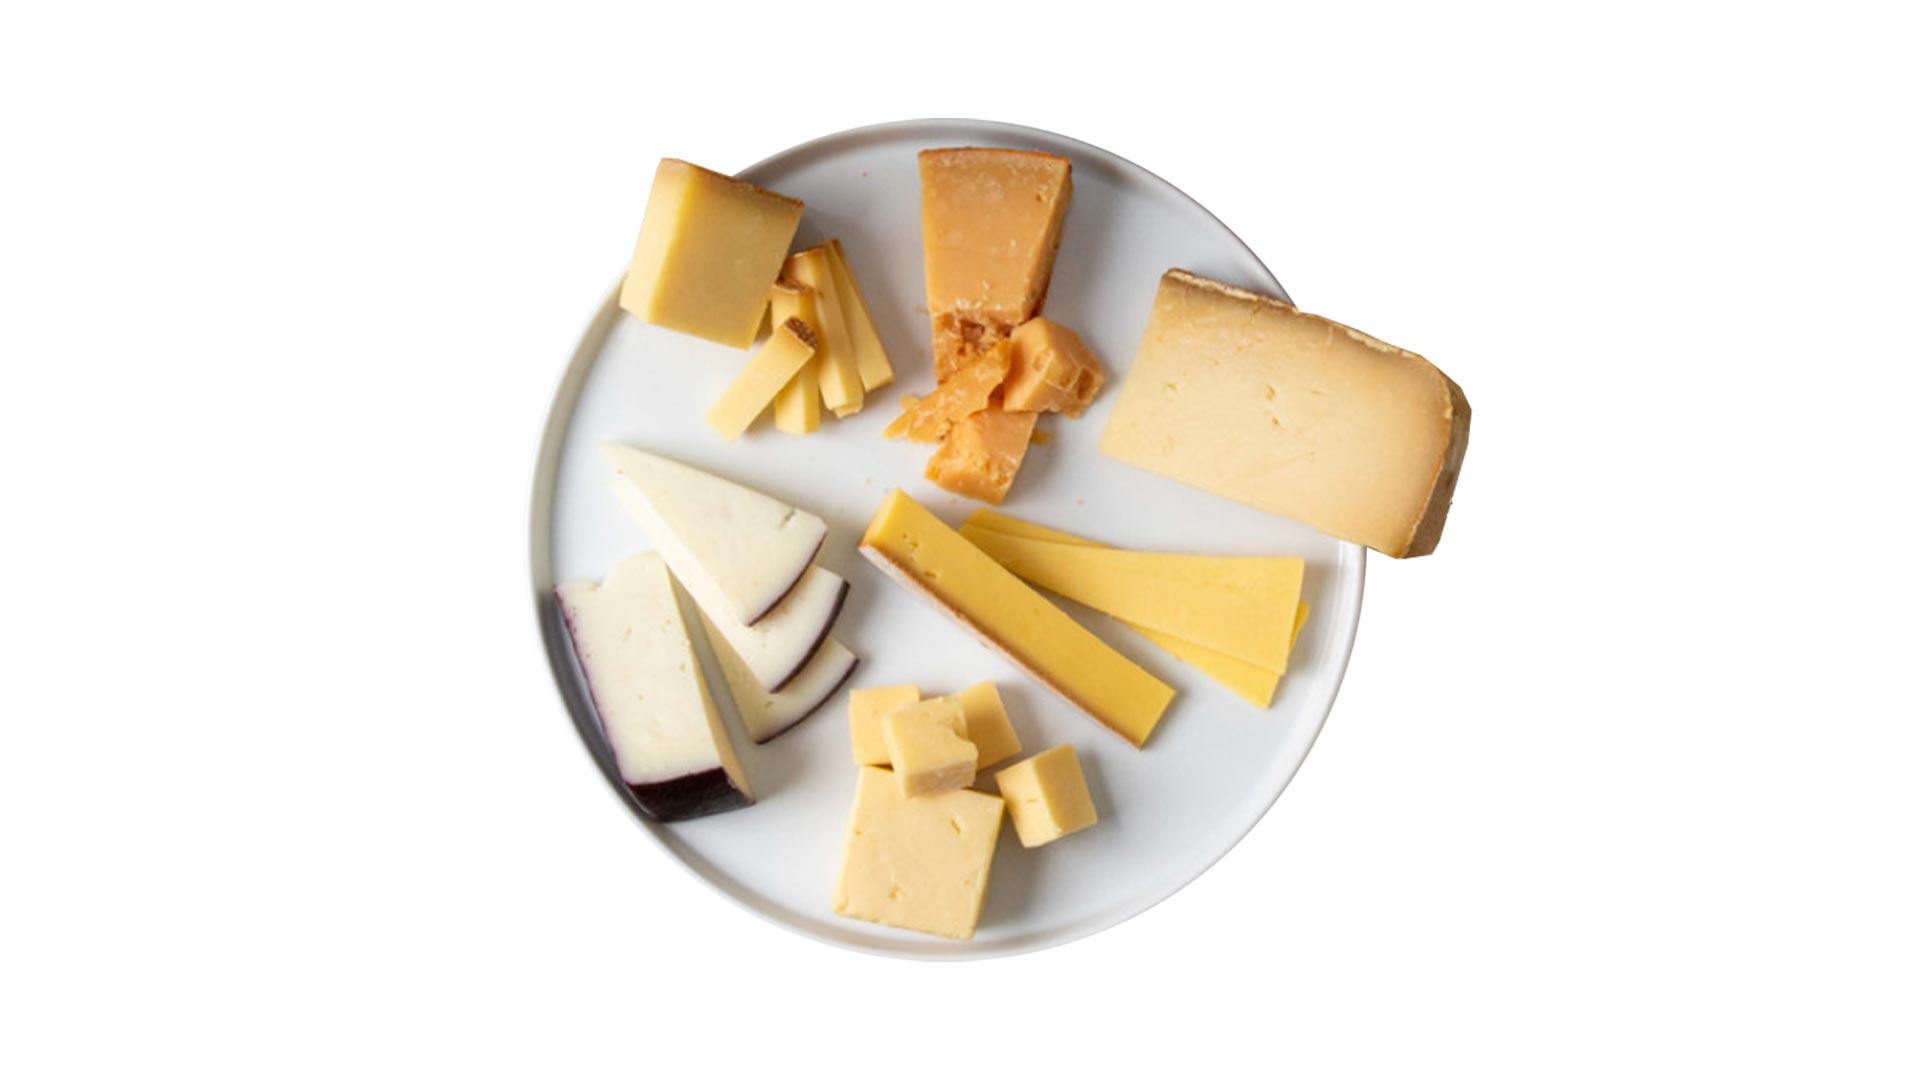 Murray's Cheese Sampler